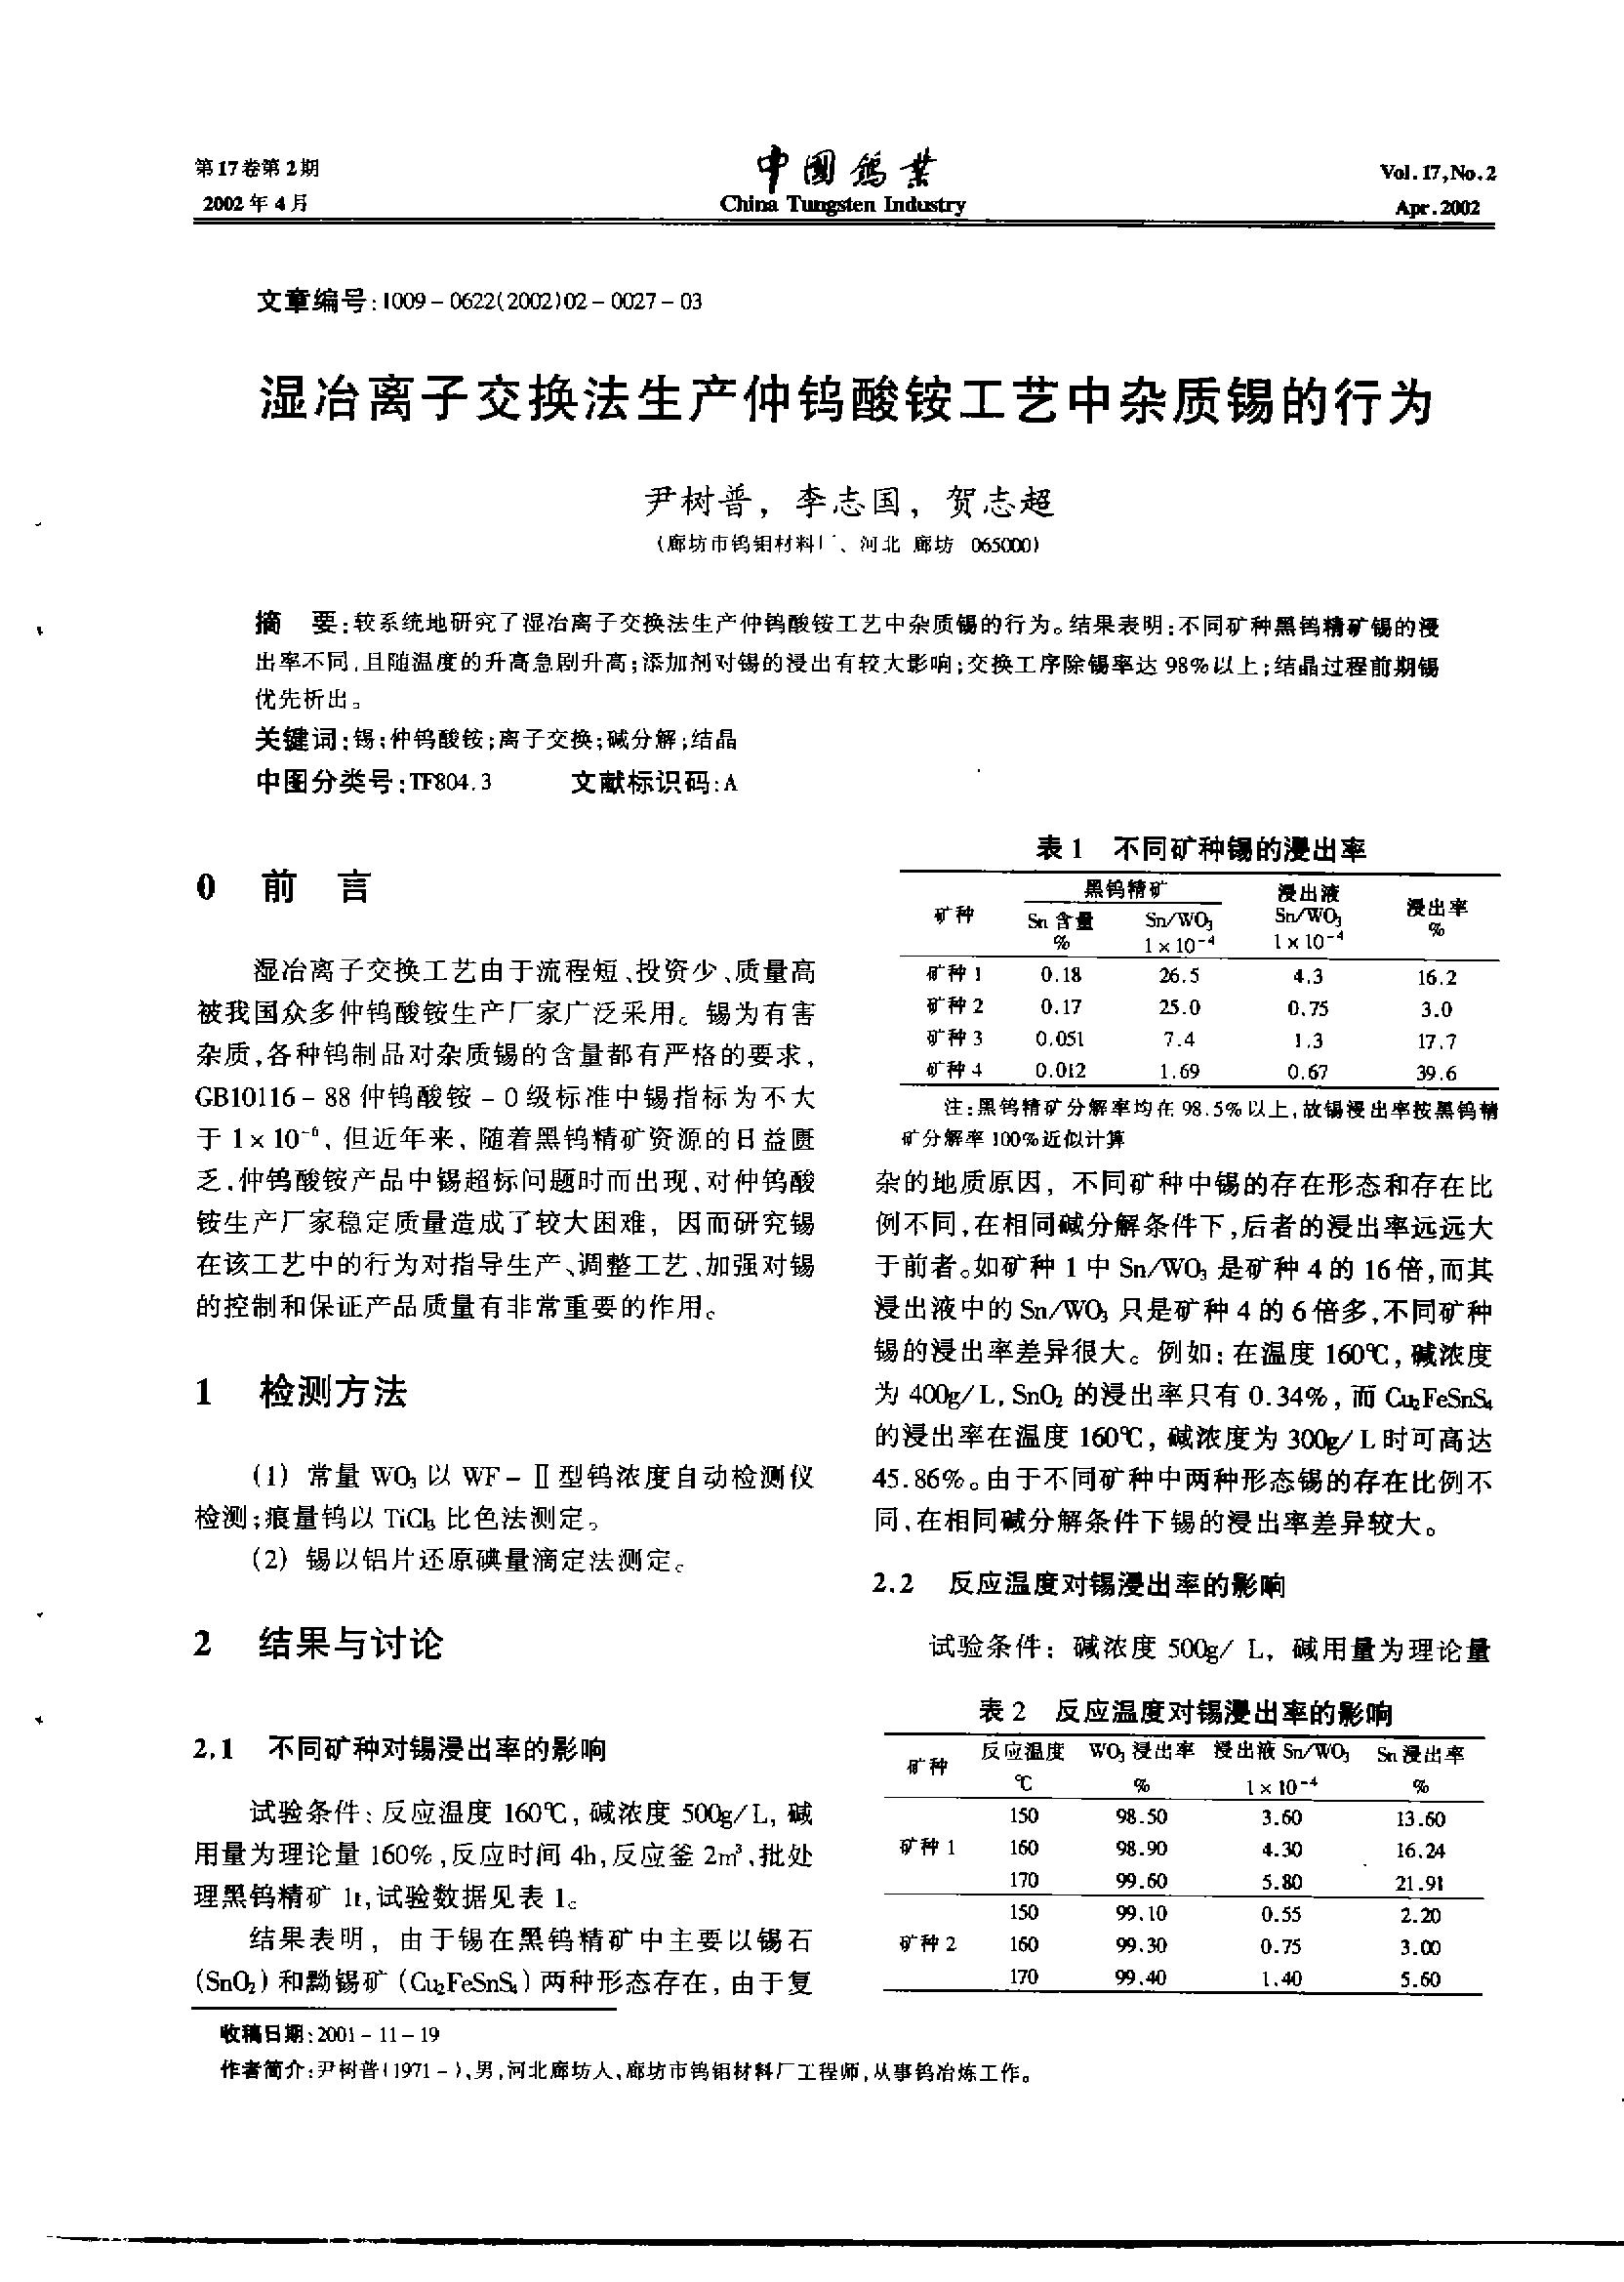 湿冶离子交换法生产仲钨酸铵工艺中杂质锡的行为